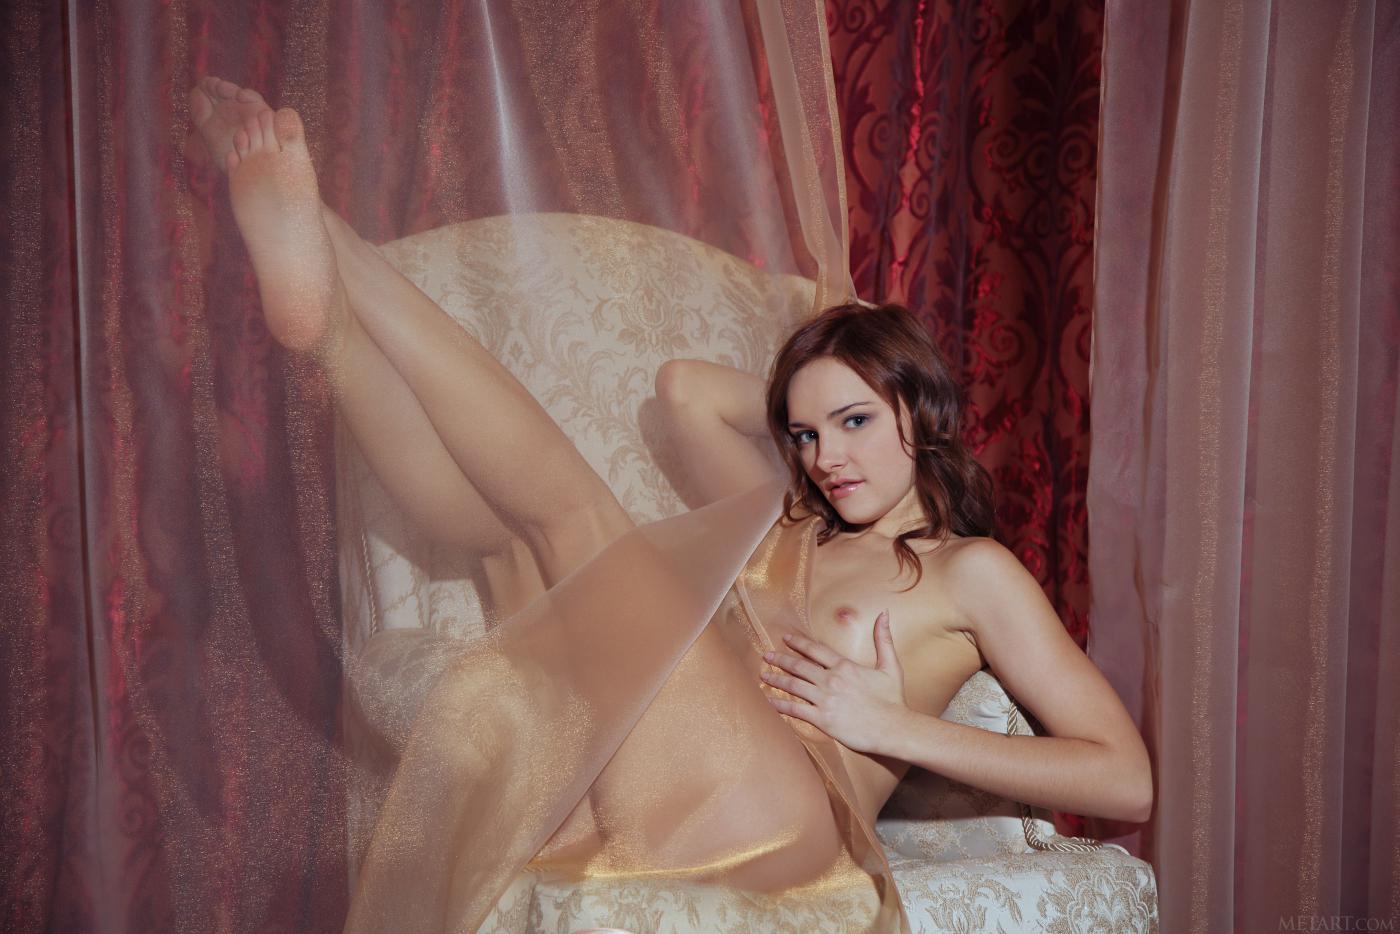 Горячая и чувственная девушка-подросток Cathleen A показывает свою красивую и побритую вагину на камеру